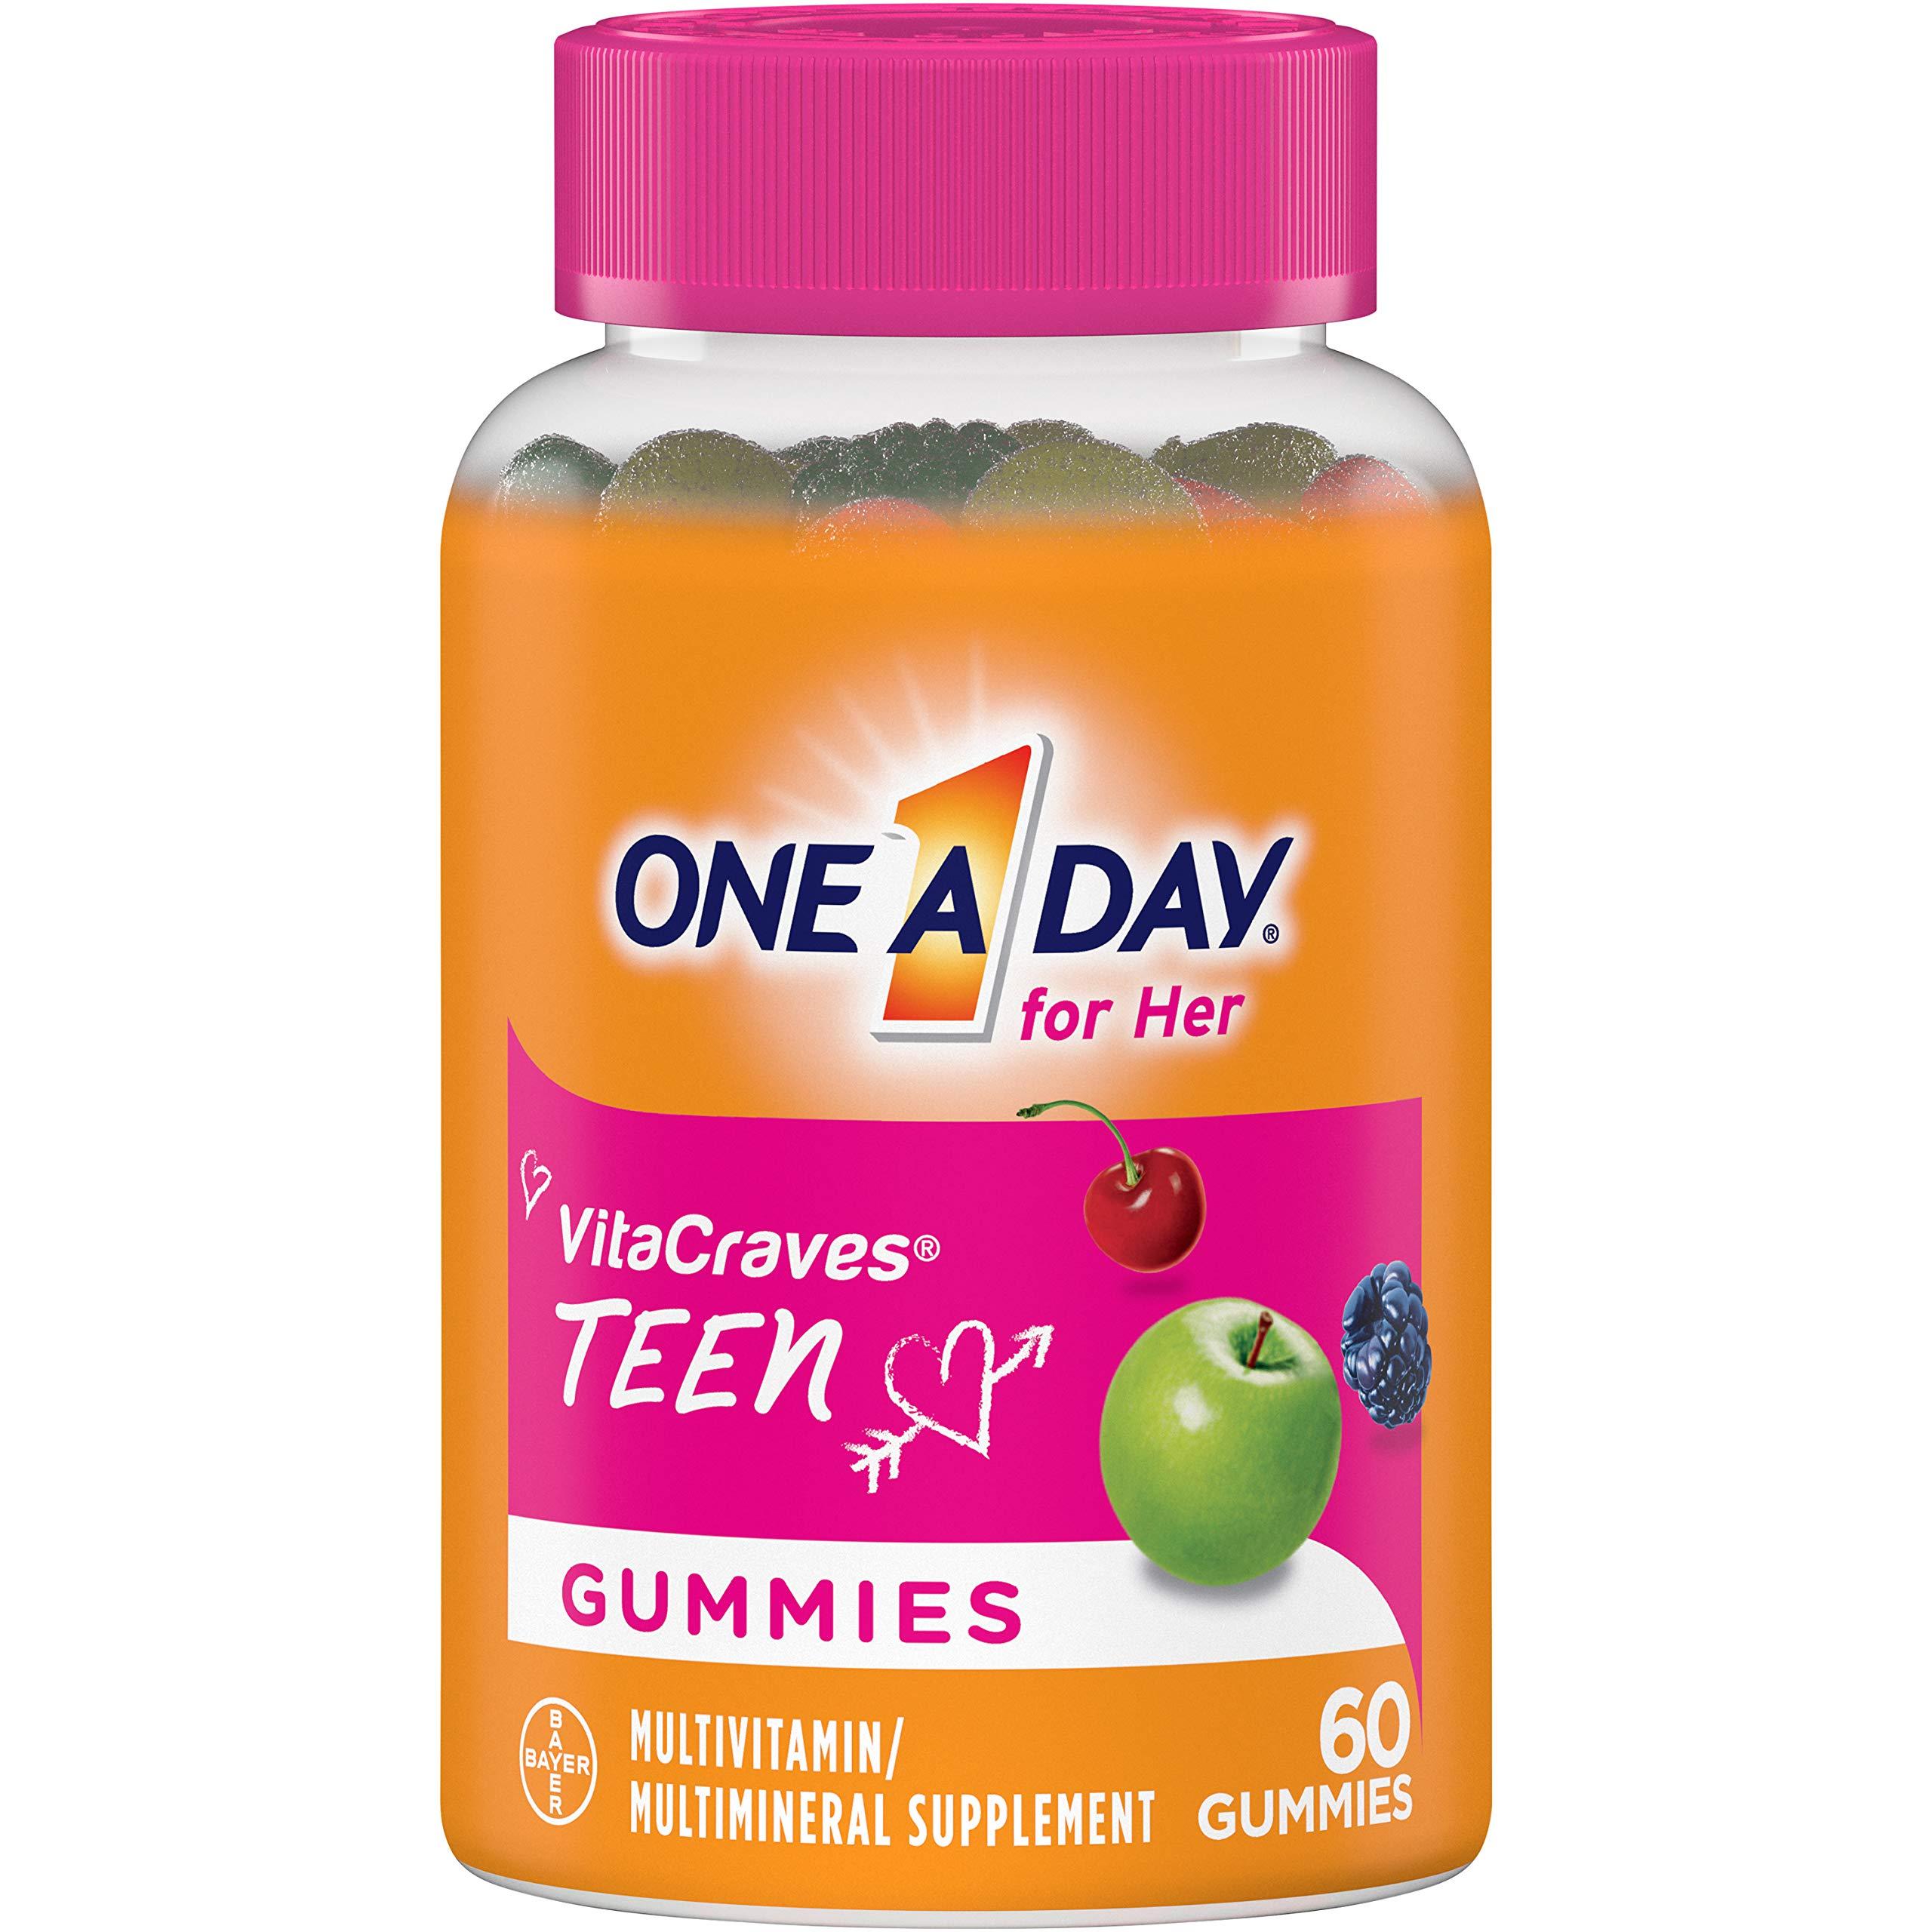 VitaCraves Teen Multivitamin Gummies Count